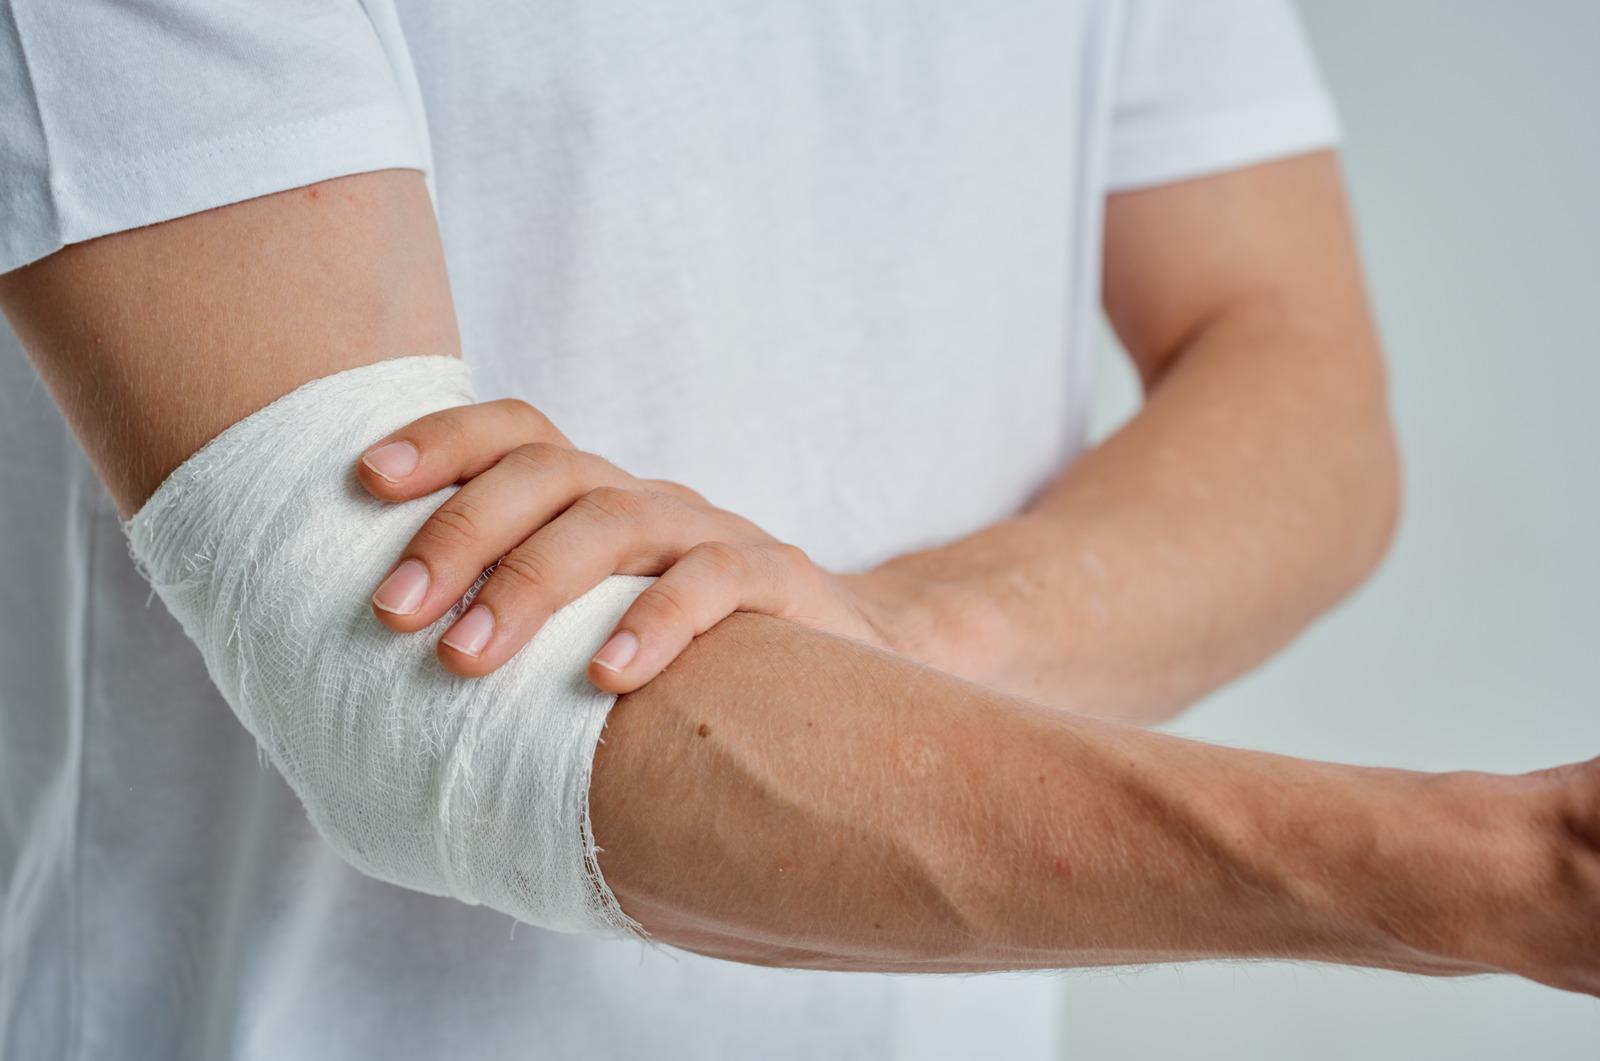 受伤了吗训练相反的一面和交叉教育效果的魔力